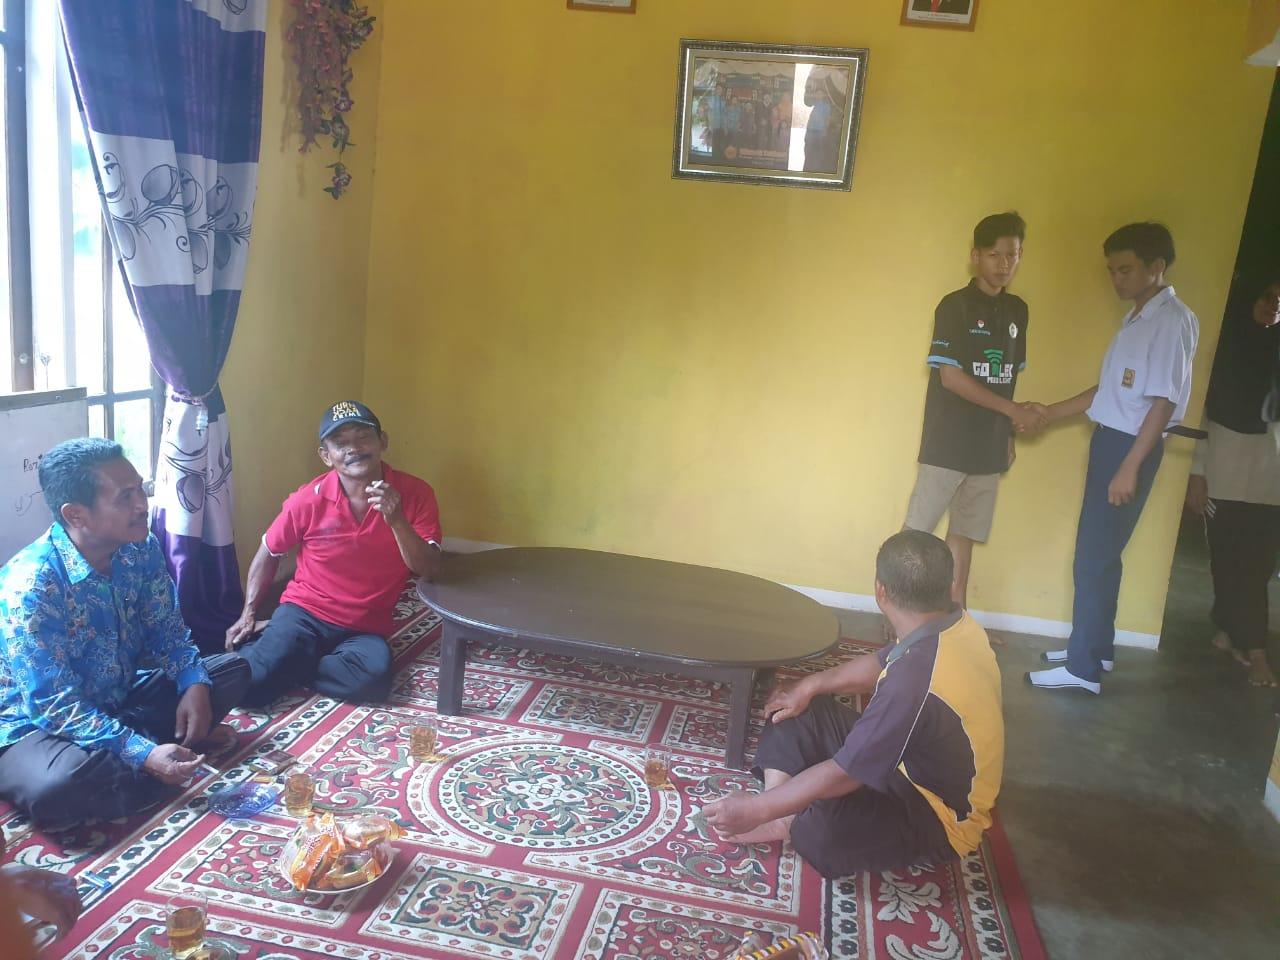 Kasus Pengeroyokan Warga Oleh Siswa SMP di Dharmasraya Berujung Damai